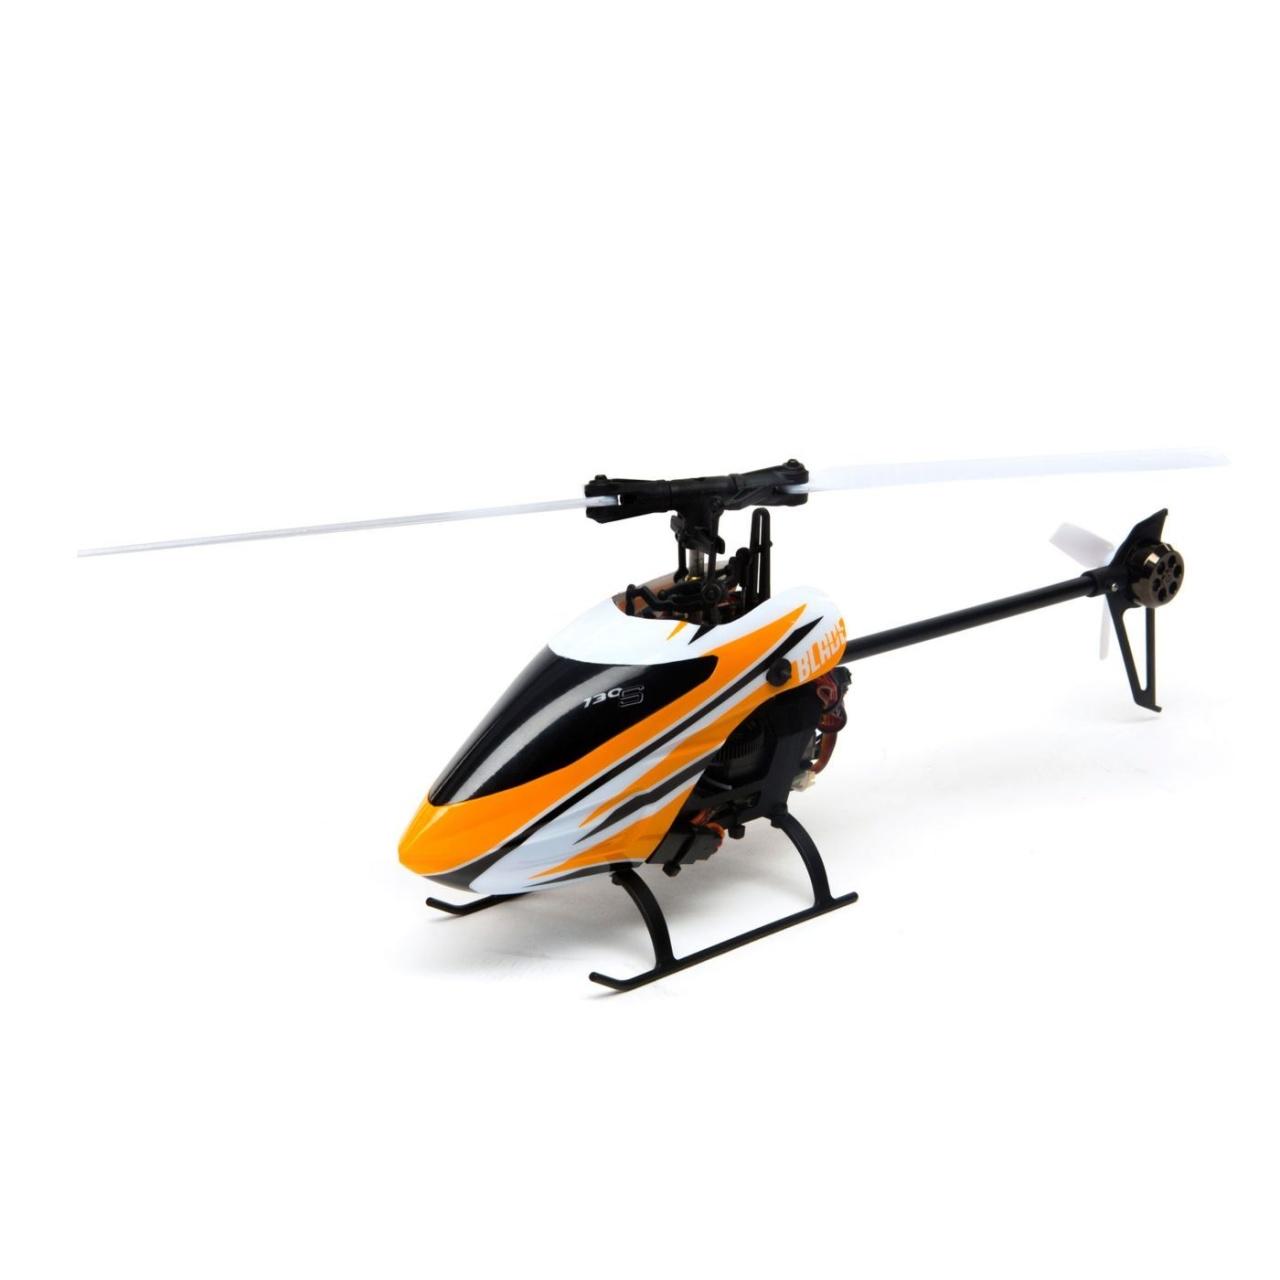 Blade 130 S Hubschrauber BNF mit SAFE Technologie